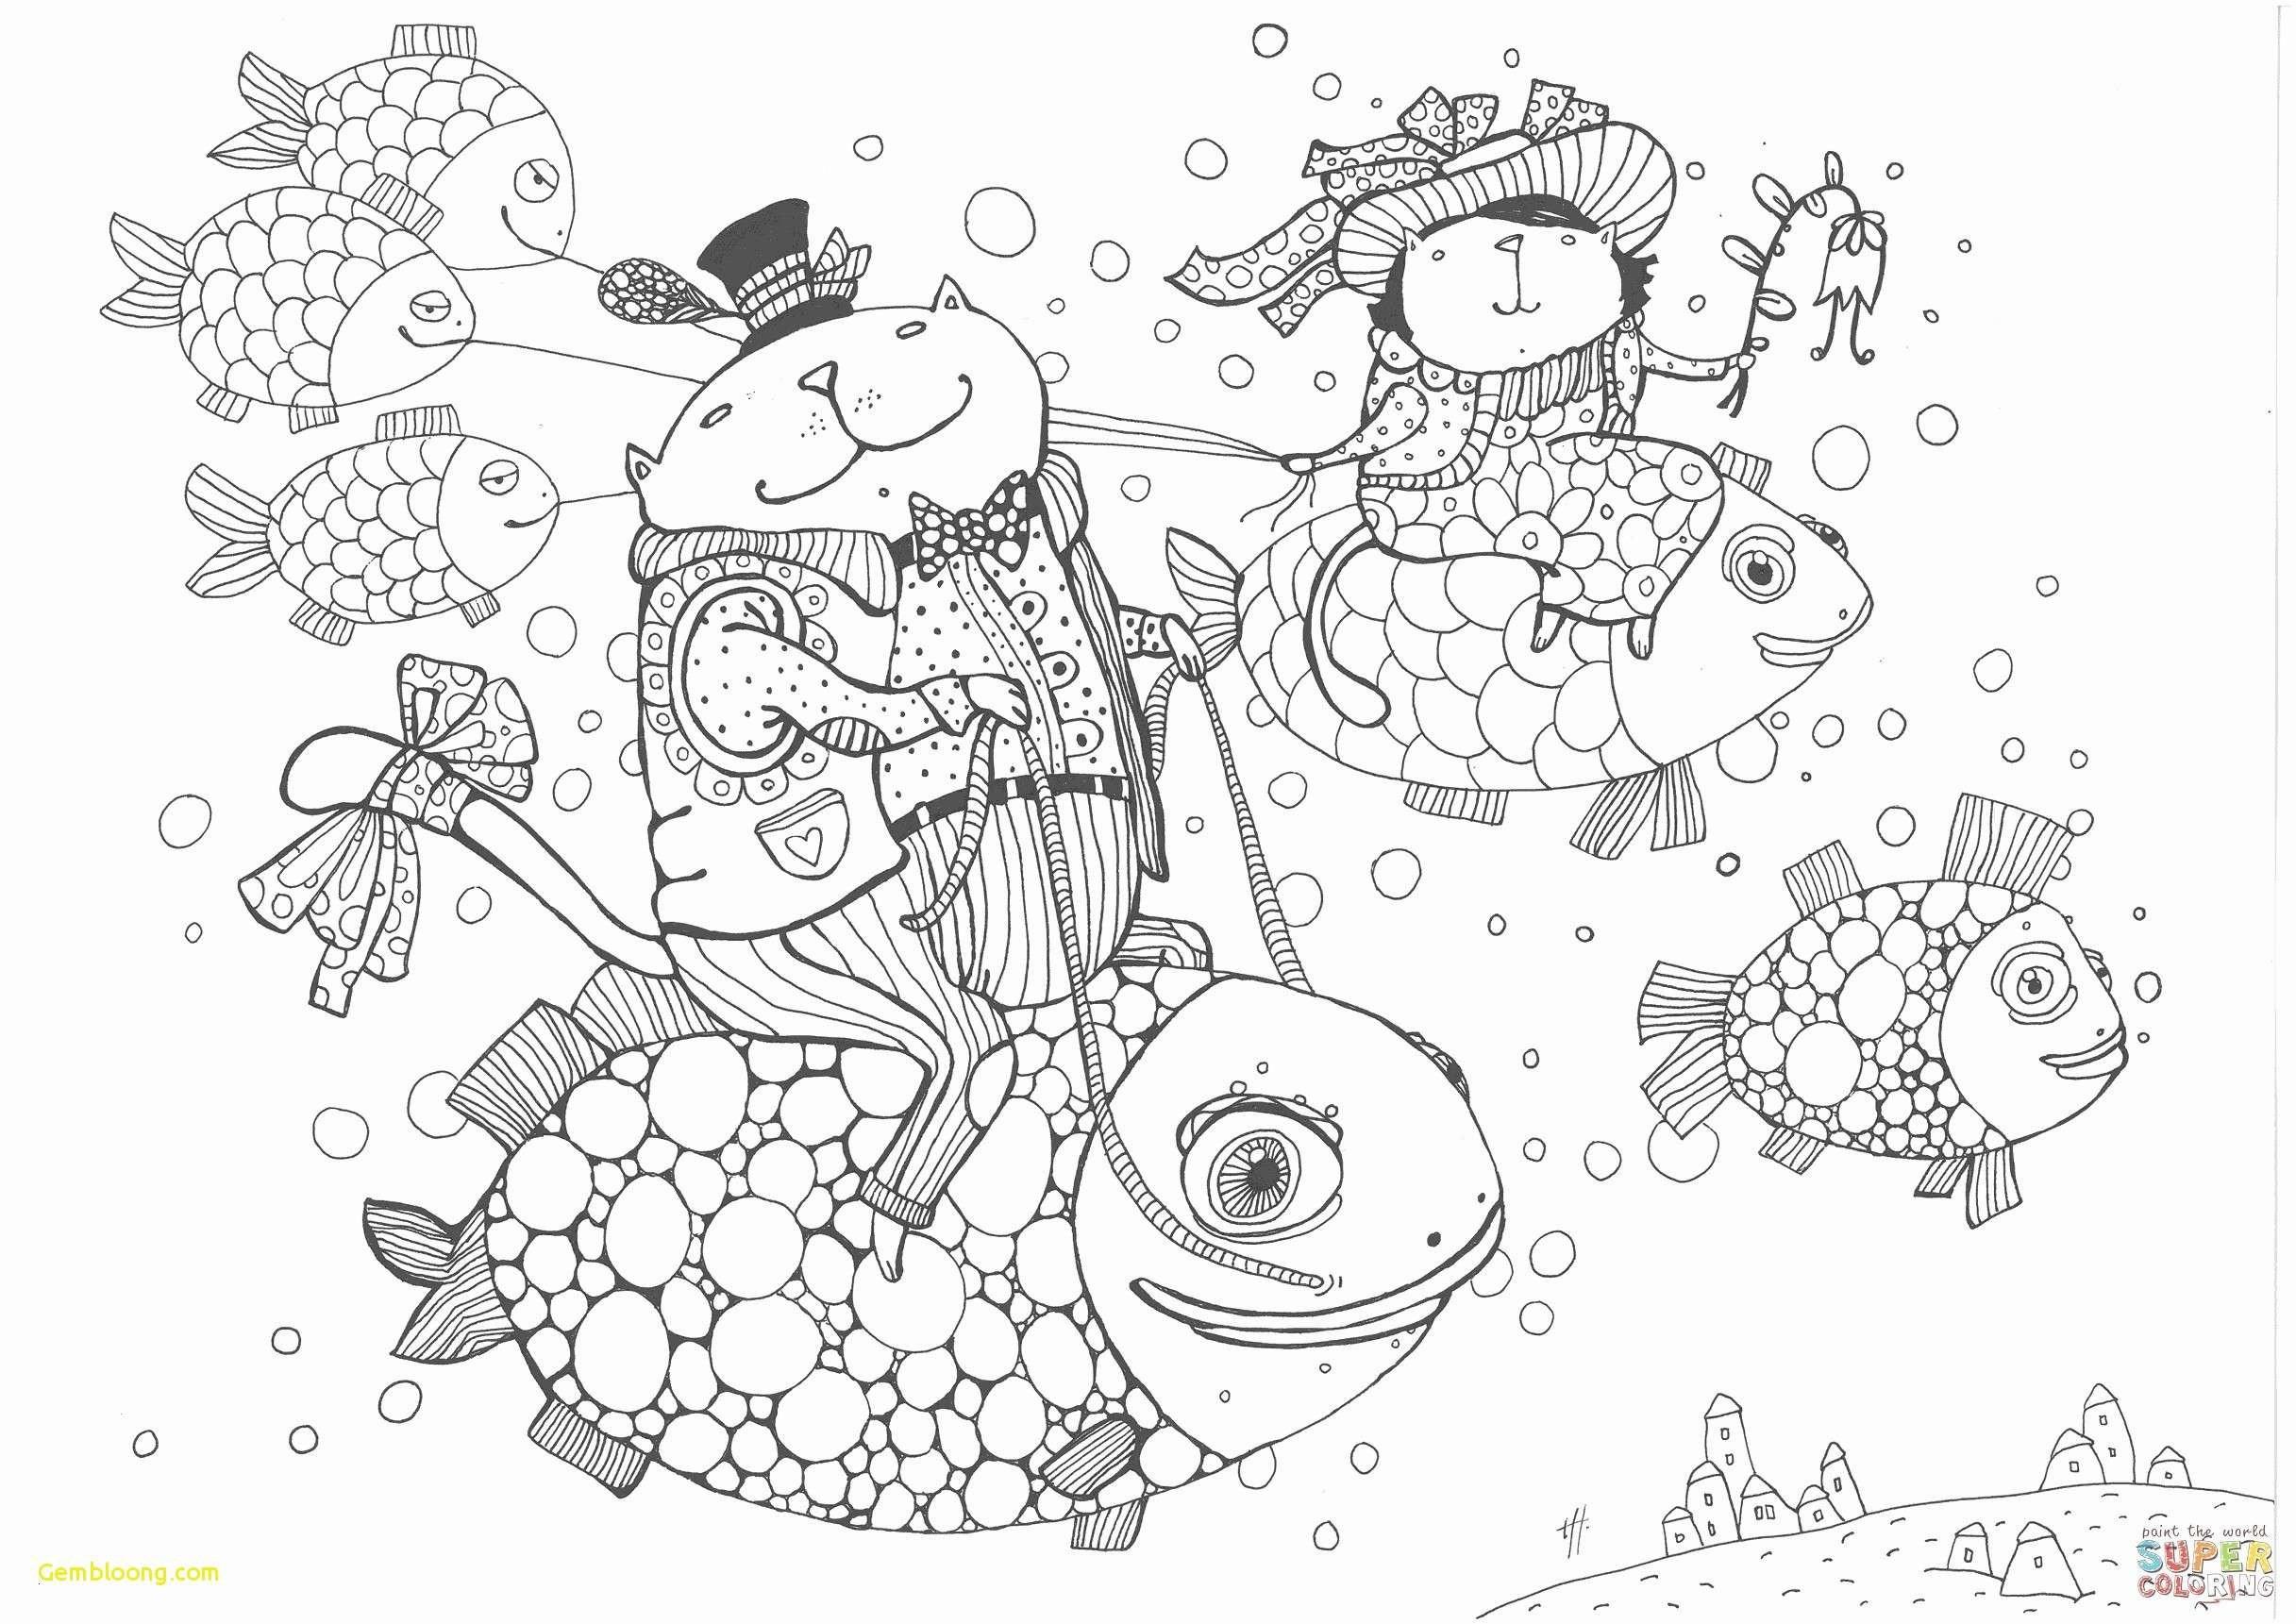 Ben Und Holly Ausmalbilder Genial 35 Pilze Malvorlagen Scoredatscore Neu Ausmalbilder Igel Kleinkinder Fotografieren